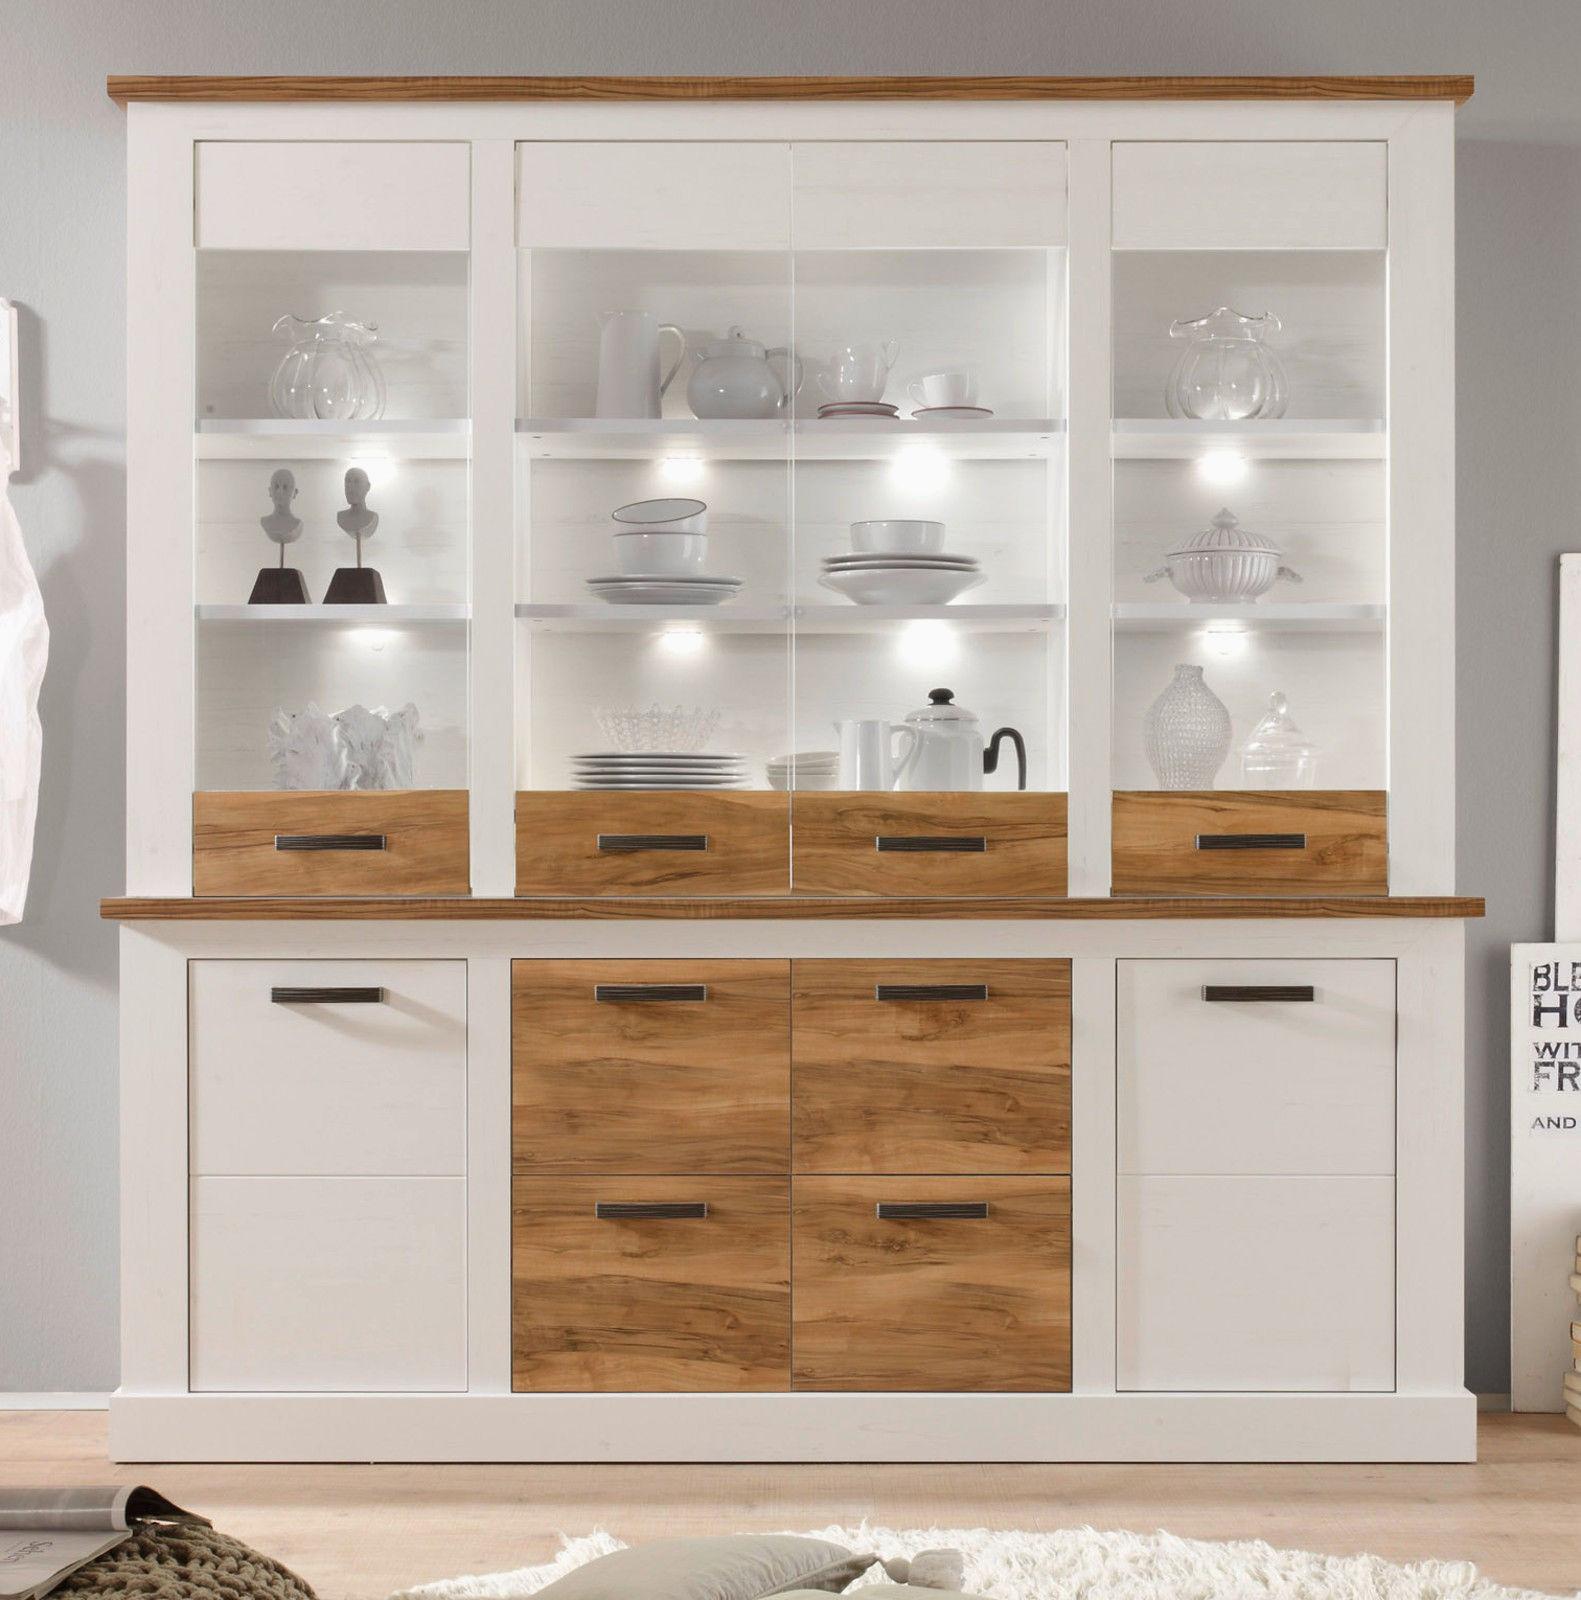 Full Size of Top Five Ikea Hemnes Sideboard Gebraucht Betten 160x200 Küche Kosten Kaufen Sofa Mit Schlaffunktion Miniküche Bei Anrichte Modulküche Wohnzimmer Anrichte Ikea